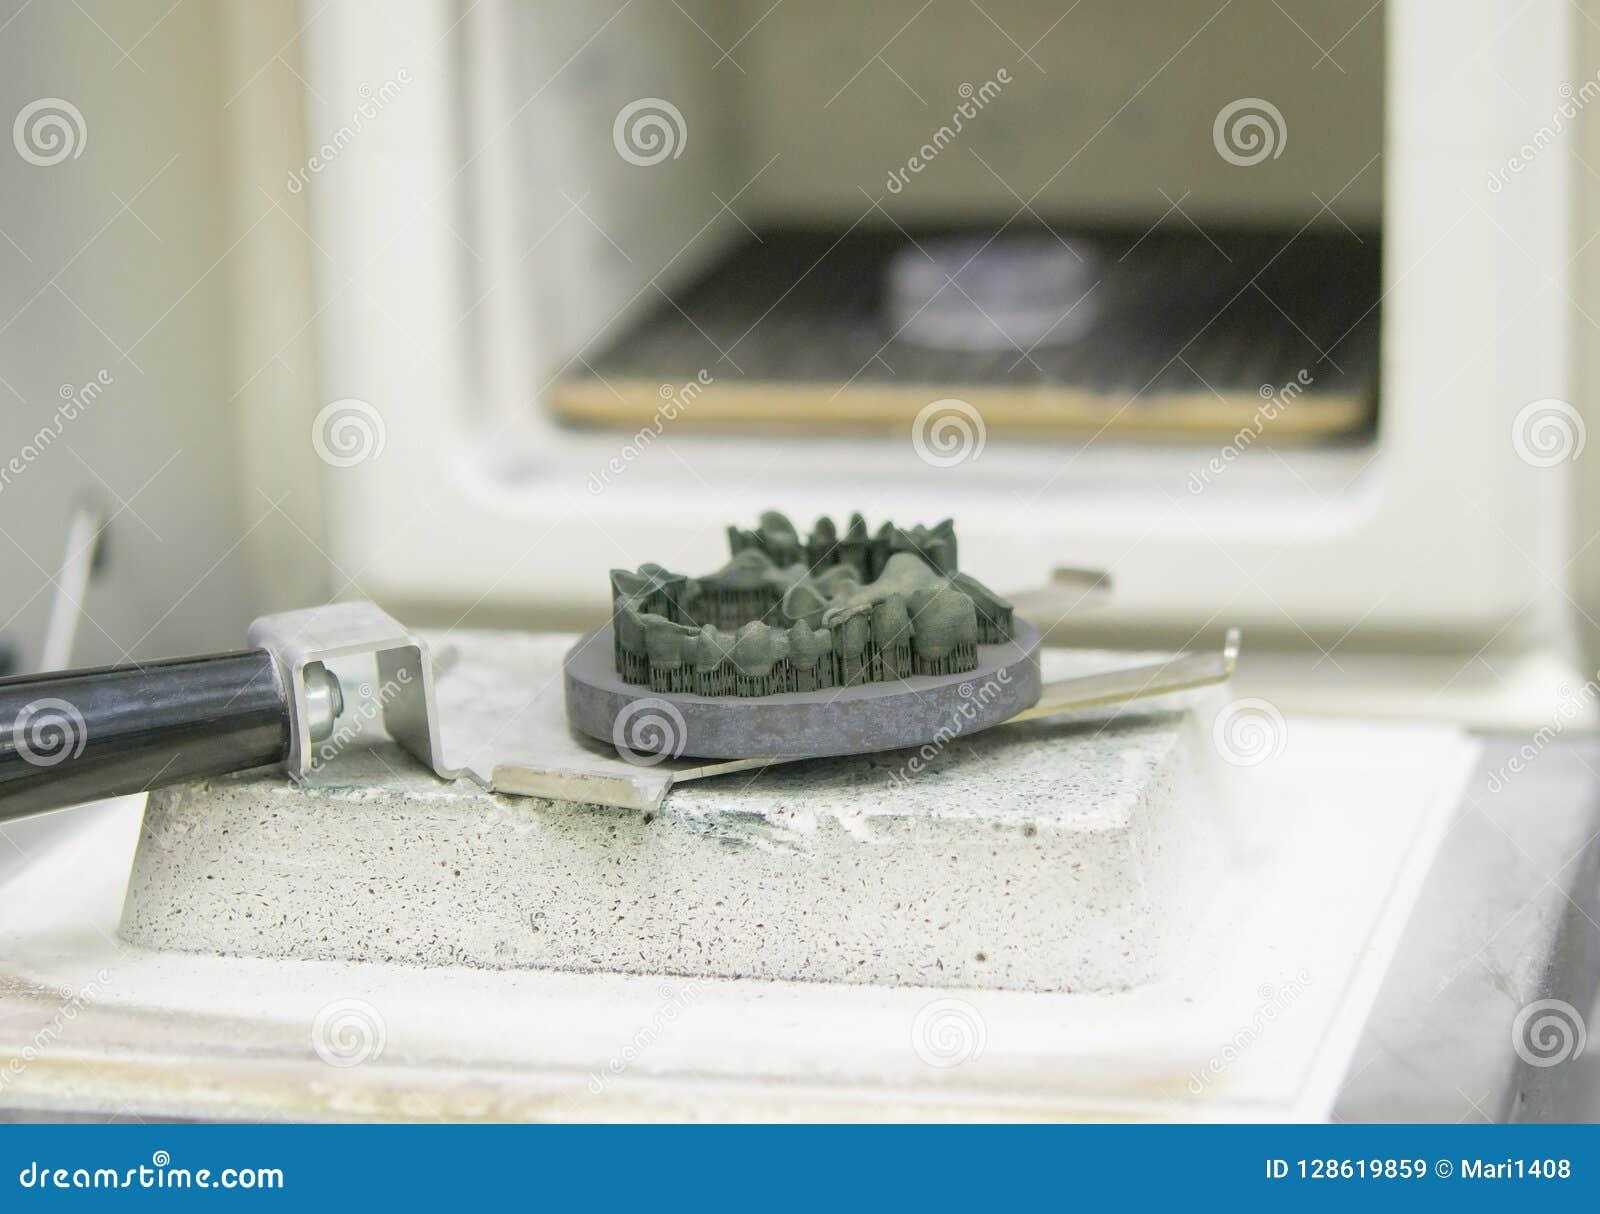 对象在金属3d打印机打印了在焊接的窑附近在热治疗synterization特写镜头以后